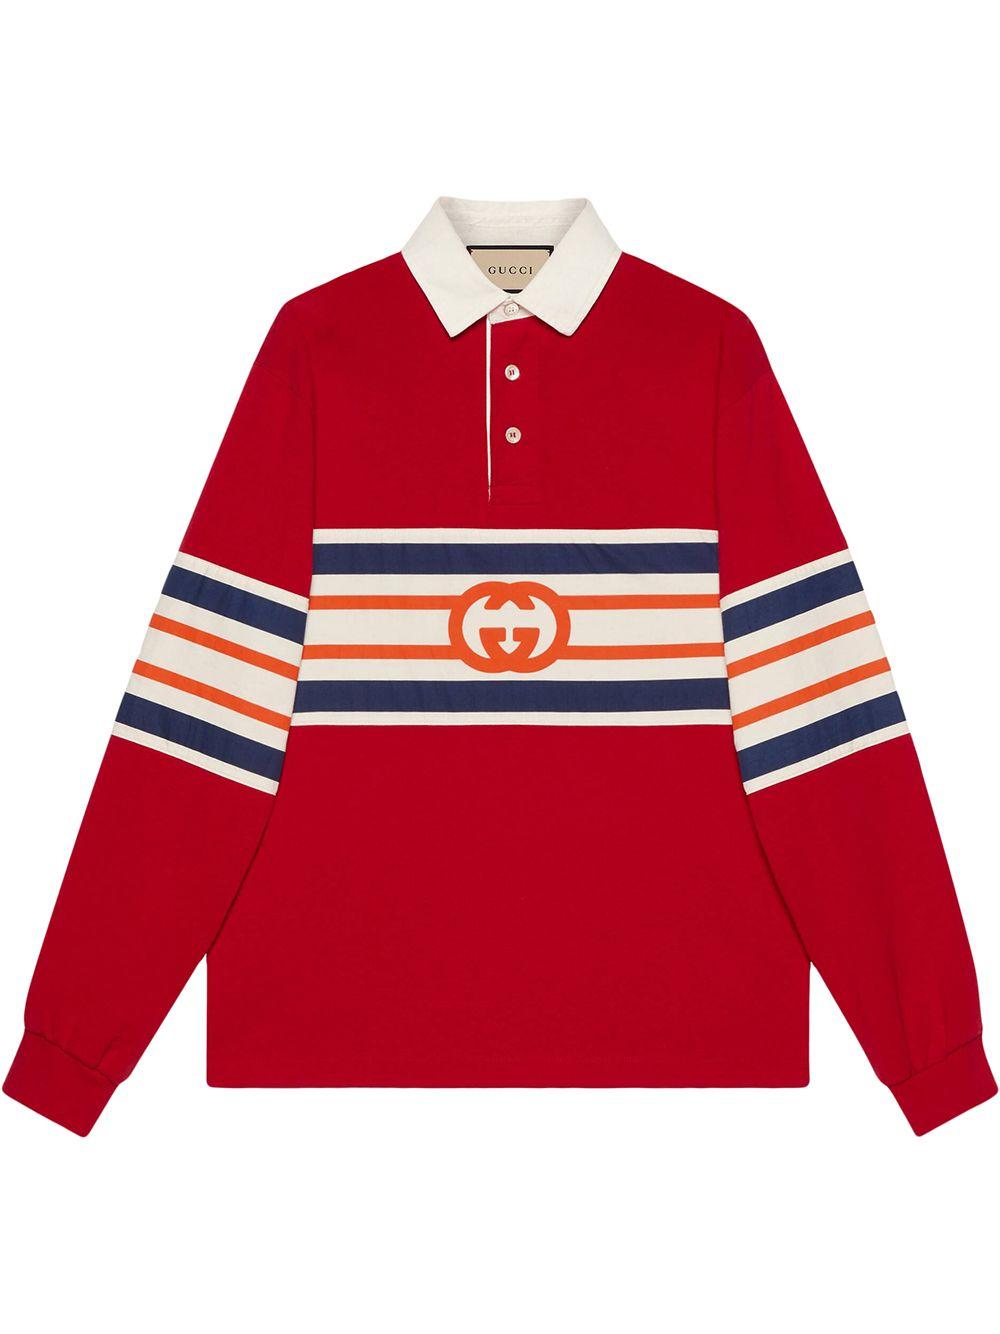 Gucci Interlocking G jersey polo sweatshirt - Rot